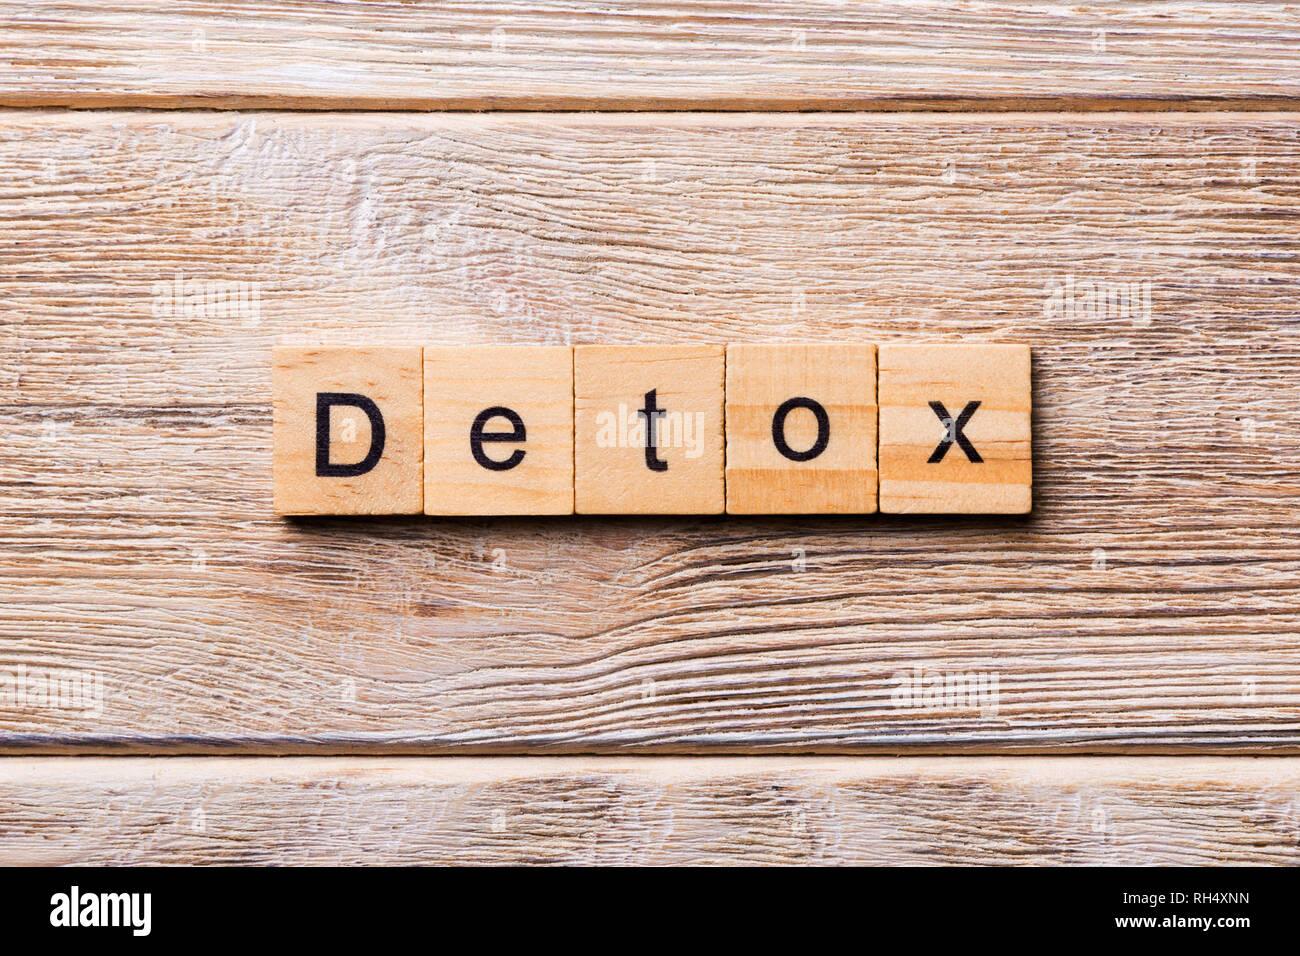 Detox palabra escrita sobre un bloque de madera. detox texto sobre mesa de madera para su diseño, concepto. Imagen De Stock